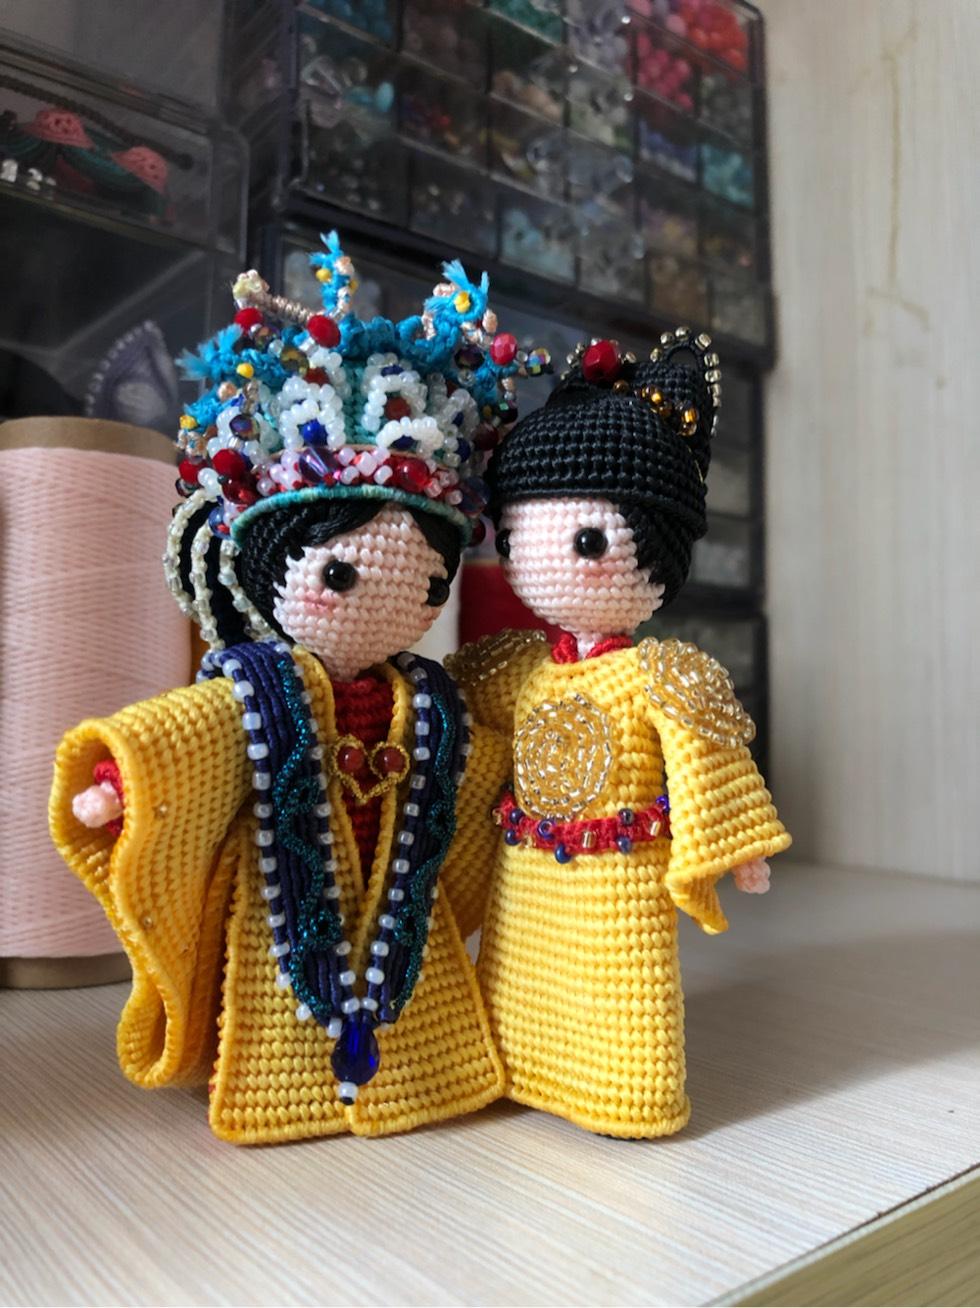 中国结论坛 明朝皇帝 清朝皇帝,明朝最伟大的三个皇帝,明朝十六位皇帝列表,明朝最后一个皇帝,明朝十六帝个个是奇葩 作品展示 195835zppbwbph3vlhgq6a